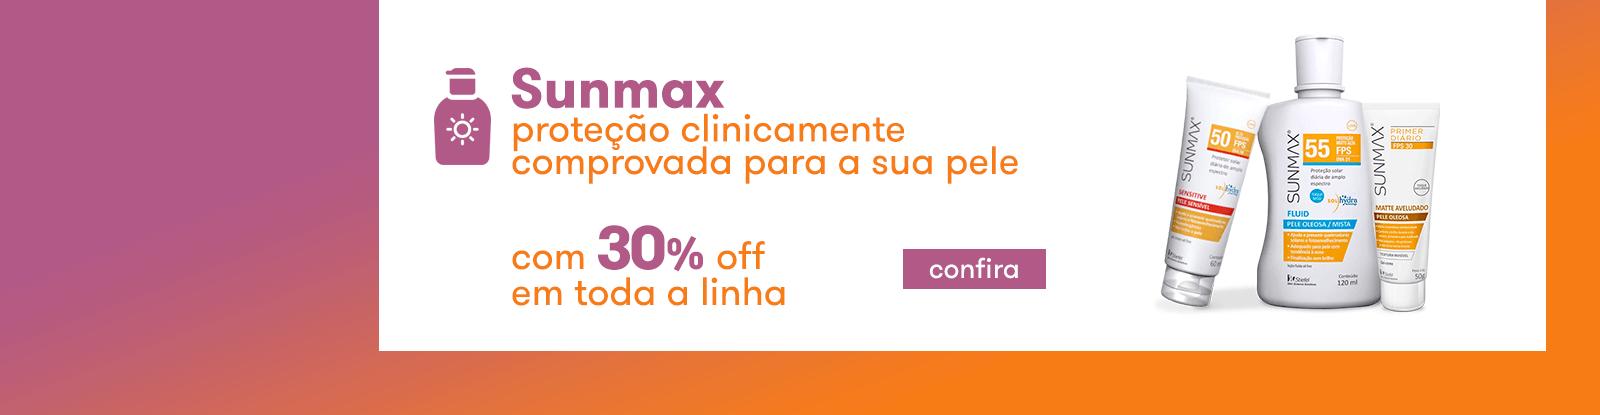 SunMax_30%_off